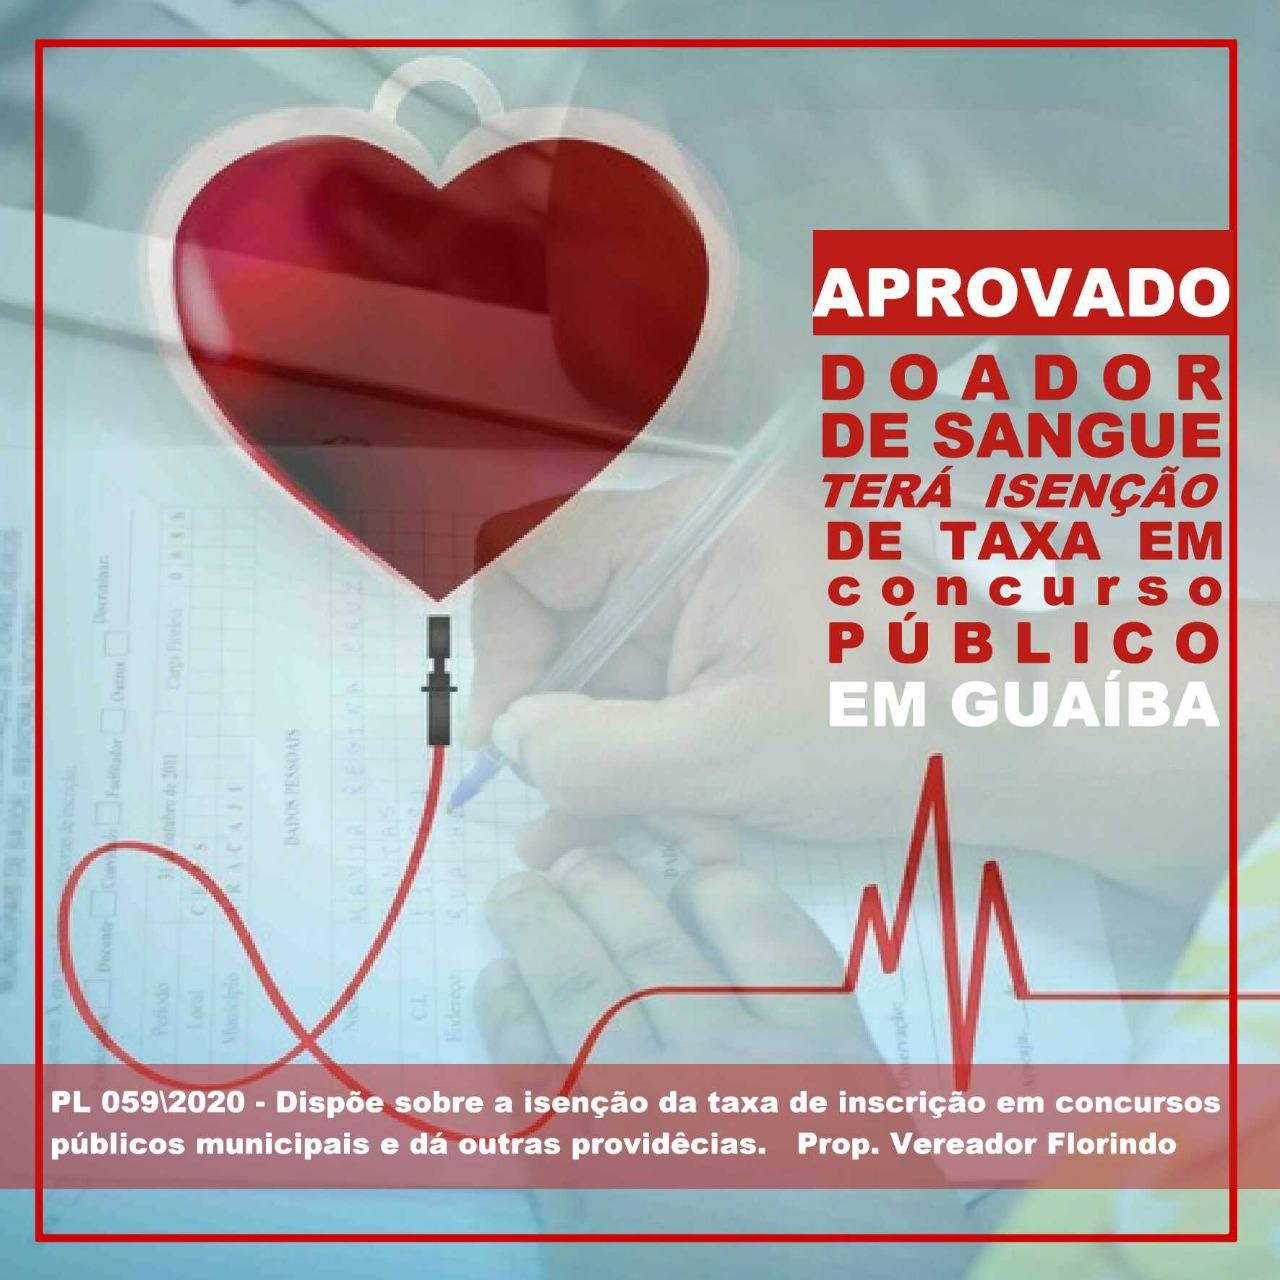 Isenção em Concurso Público - Doadores de Sangue deverão ter gratuidade de inscrição em provas do Município.